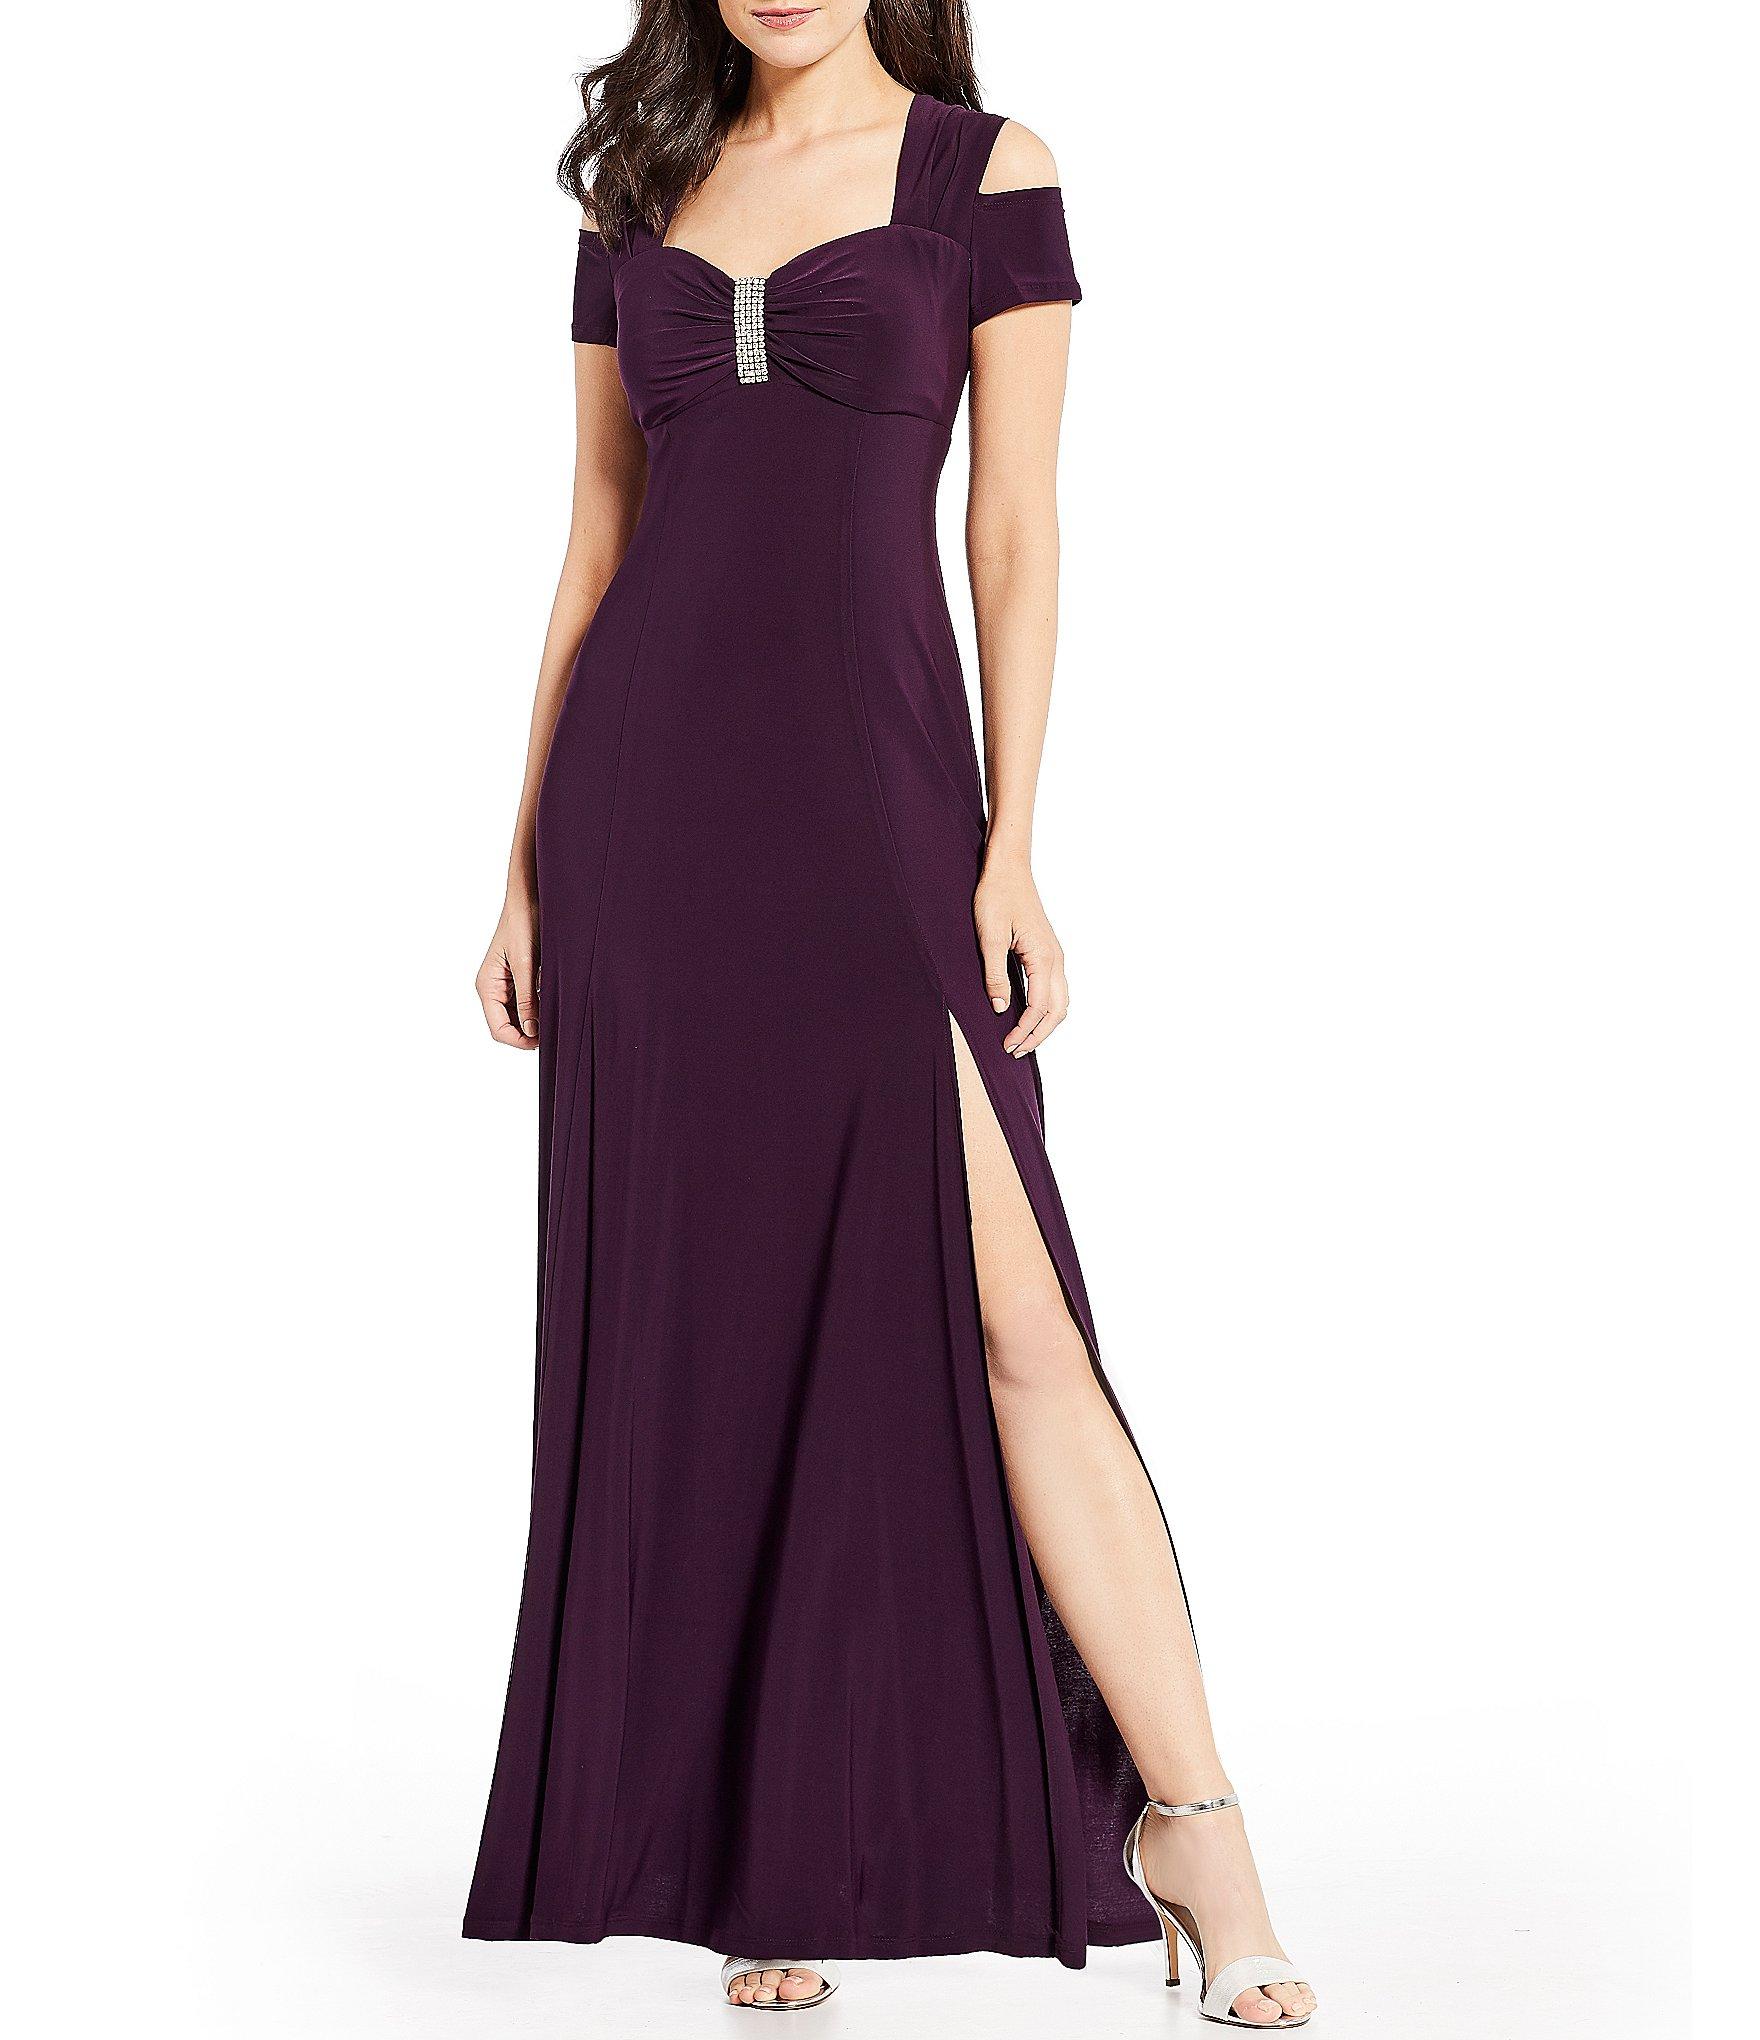 R m richards cocktail dress violet